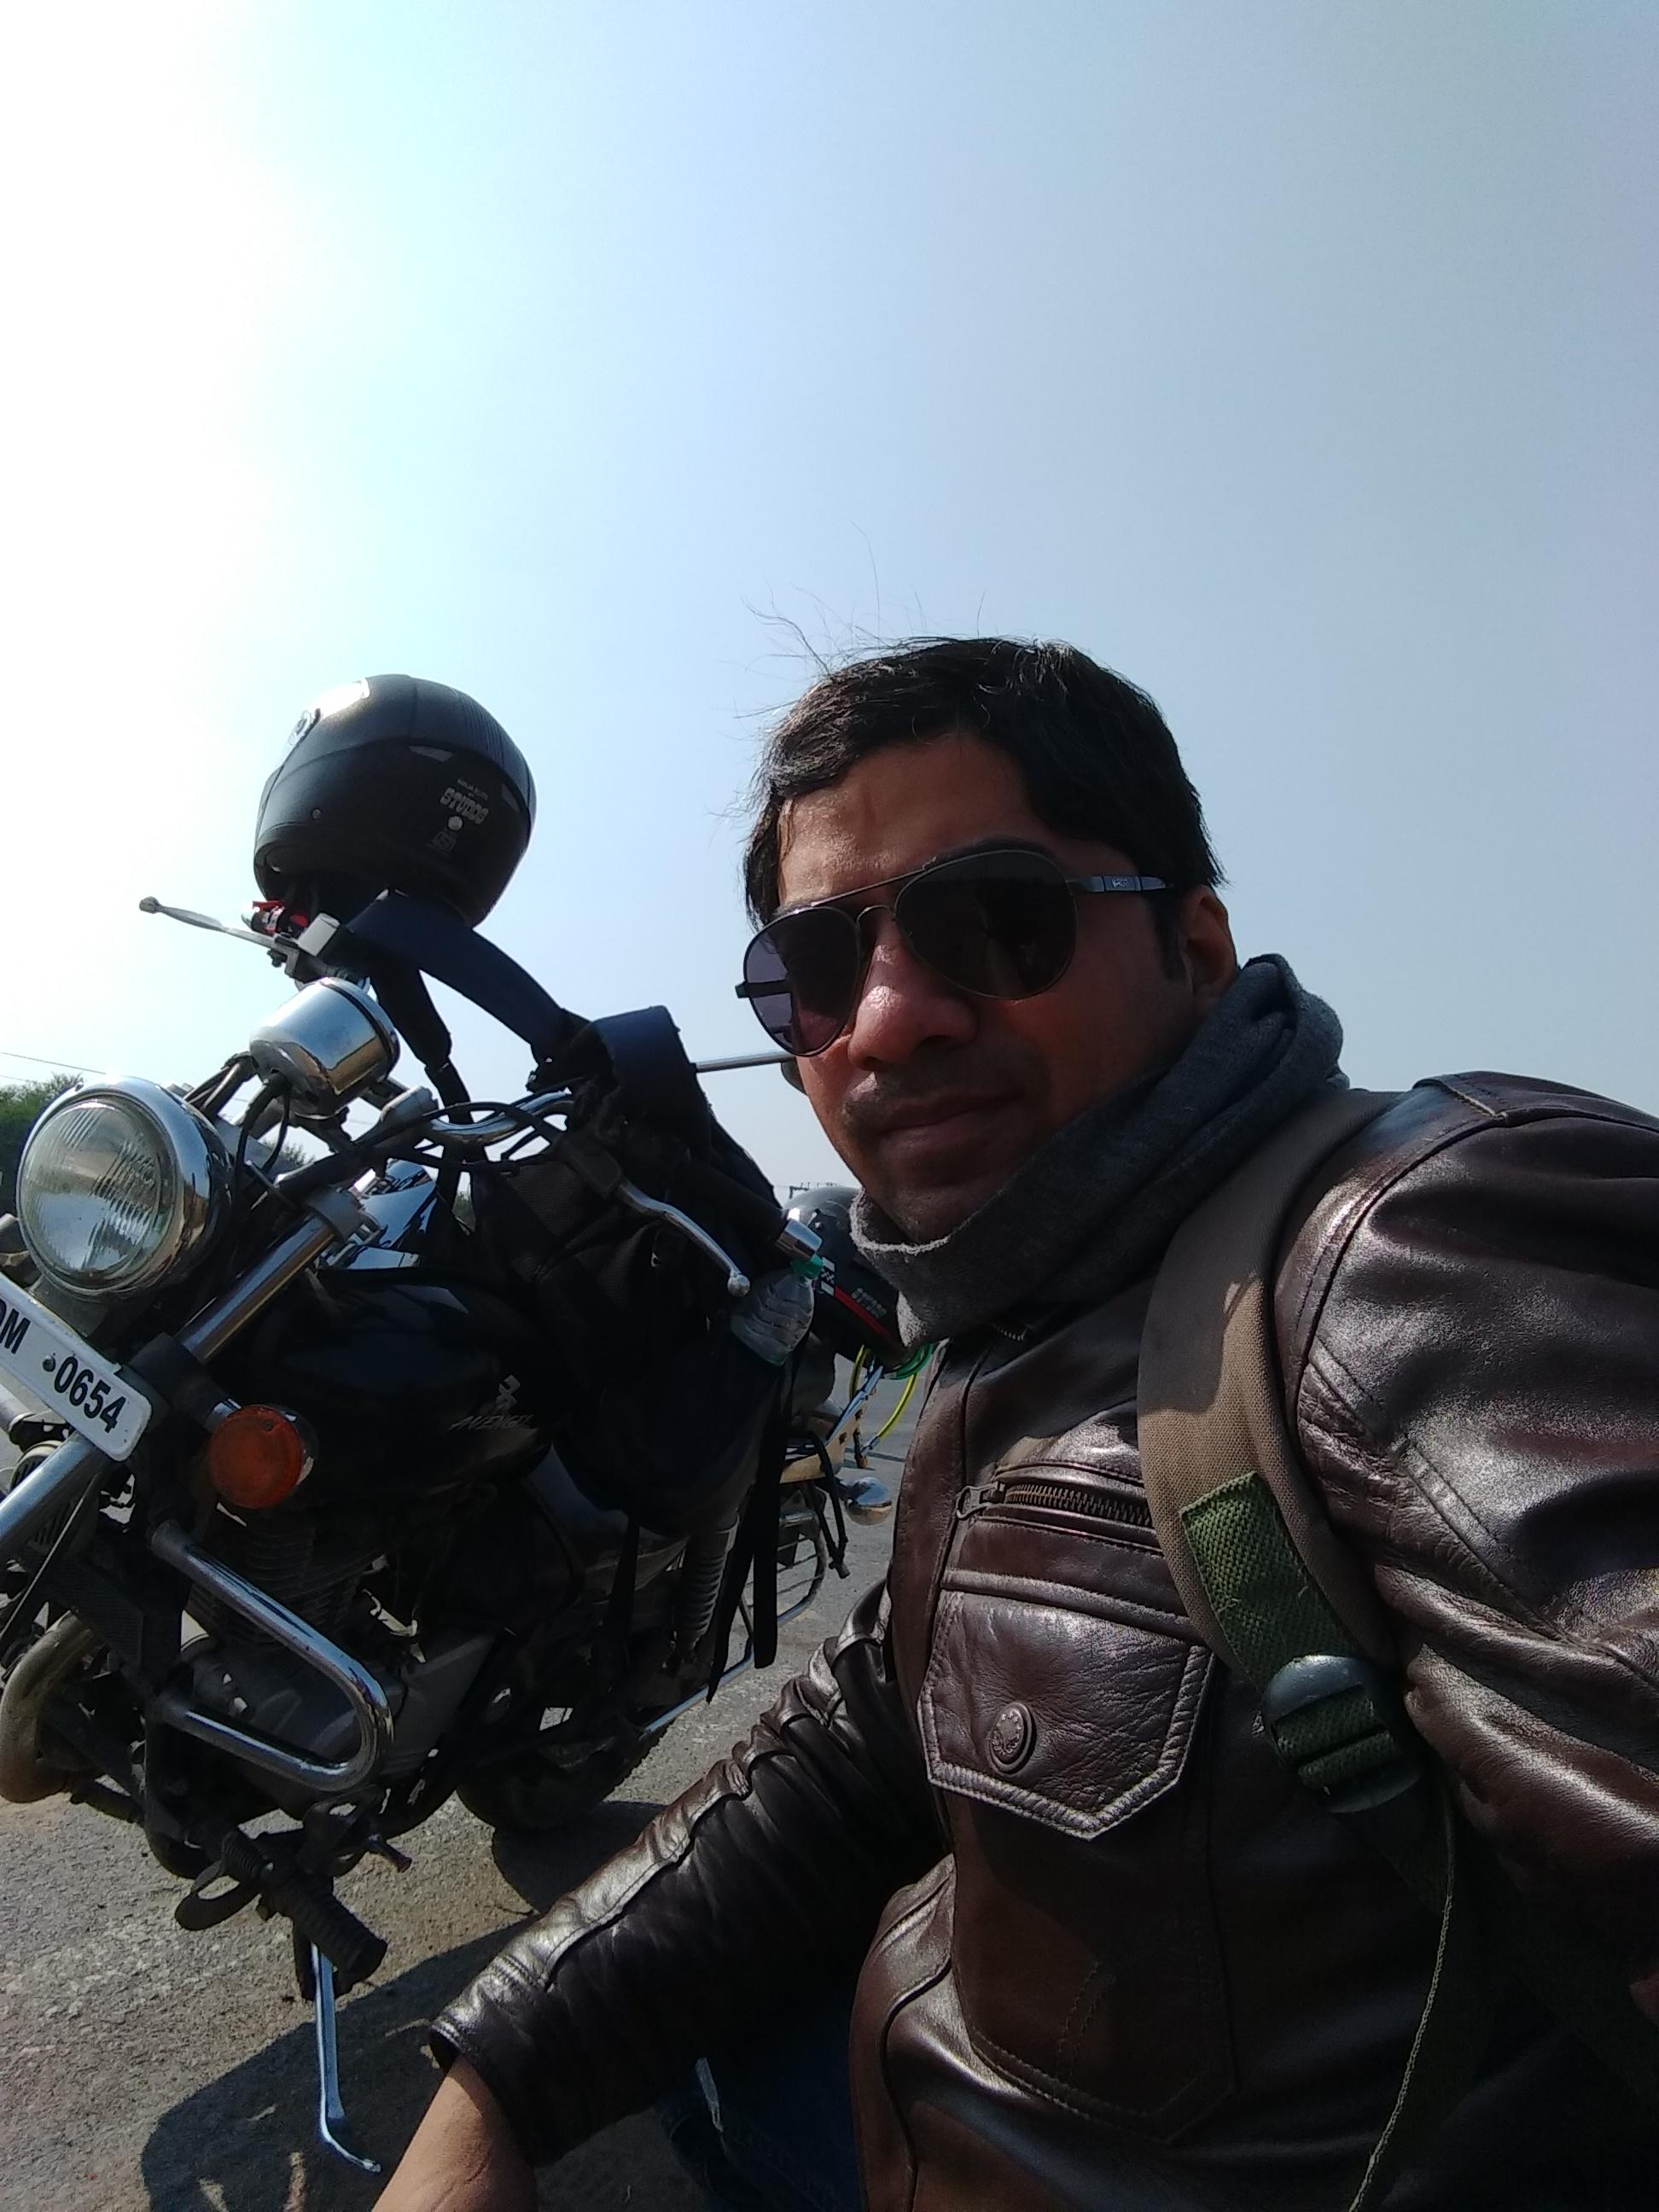 Ride image by Neeraj Sharma